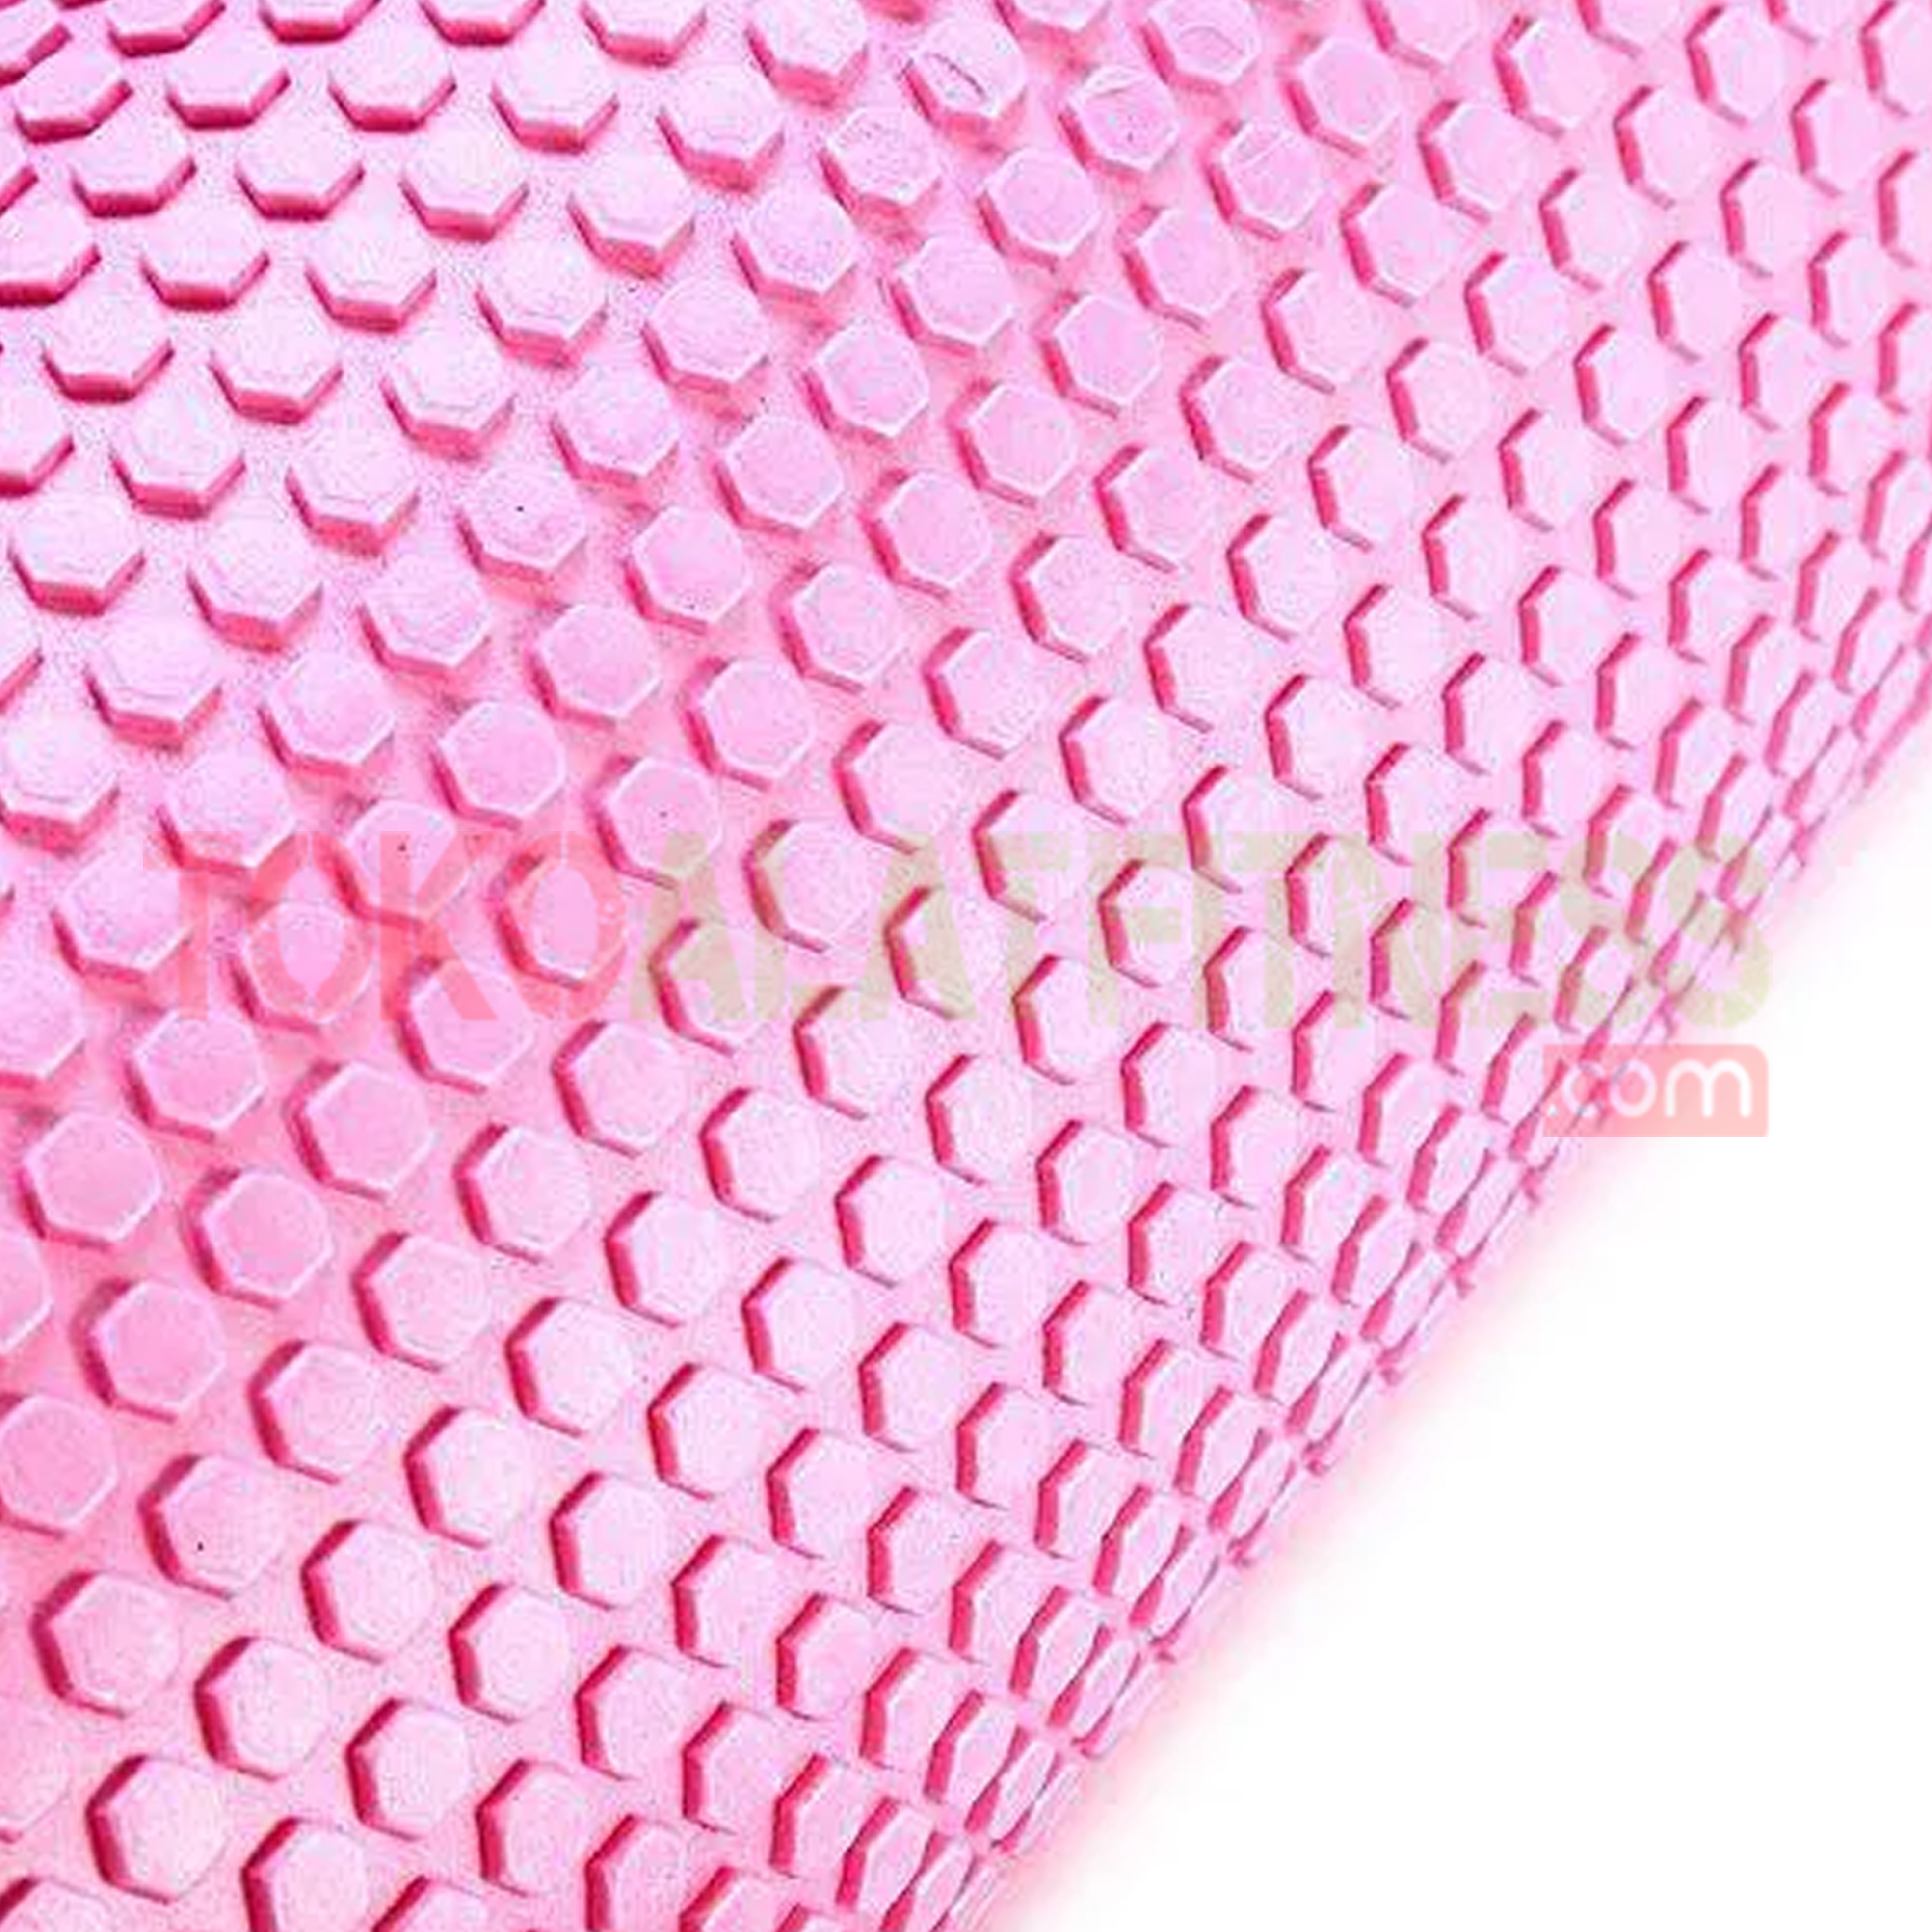 Body Gym Foam Roller 62cm Pink 2 wtm - Body Gym Foam Roller 62cm, Pink - ASSMR6C